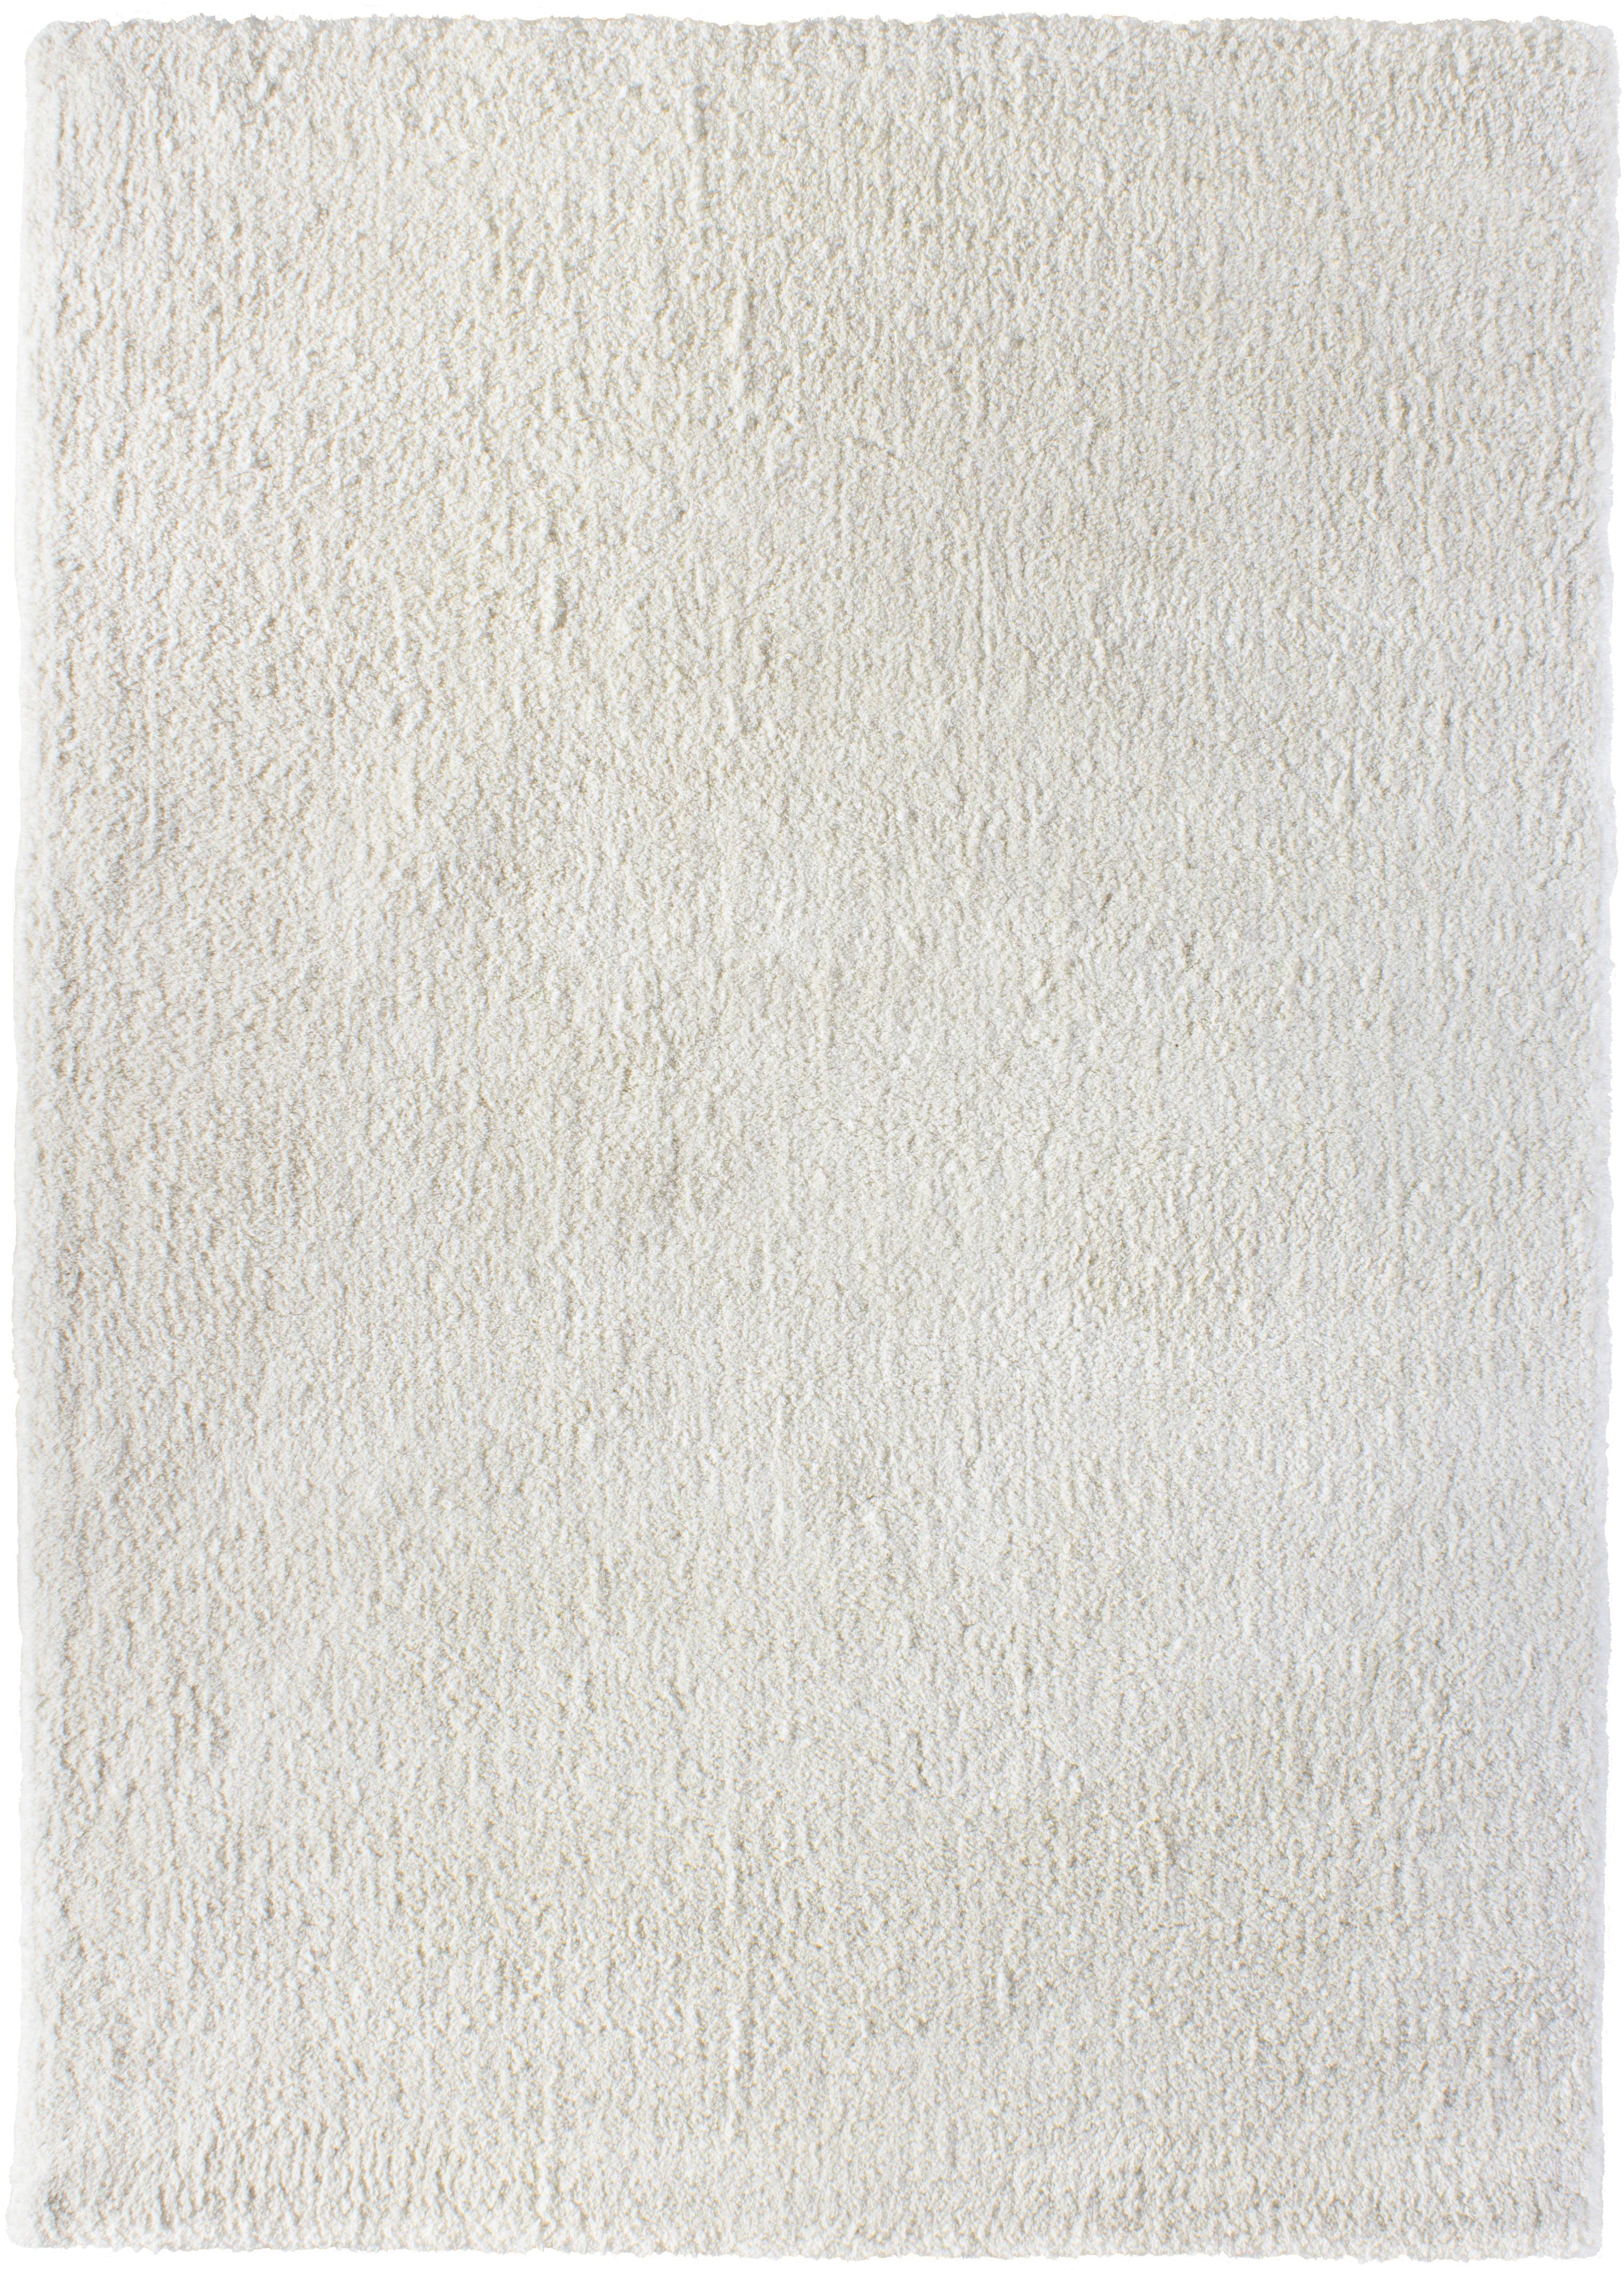 Image of Barbara Becker Hochflor-Teppich »Touch«, rechteckig, 27 mm Höhe, handgetuftet, besonders weich durch Microfaser, Wohnzimmer